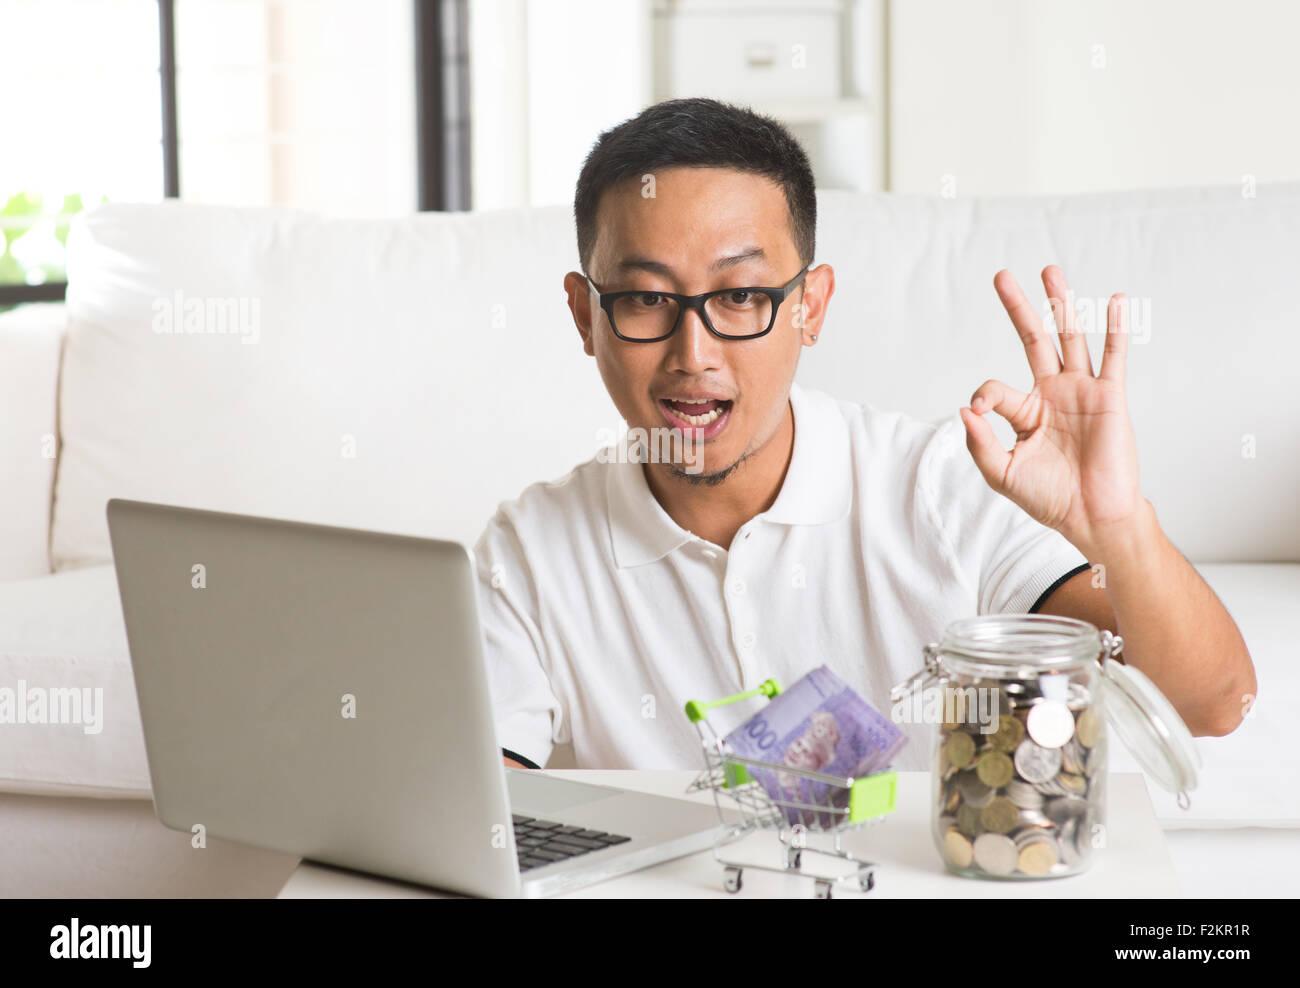 asiatique à l'aide d'internet et informatique à compter des pièces à